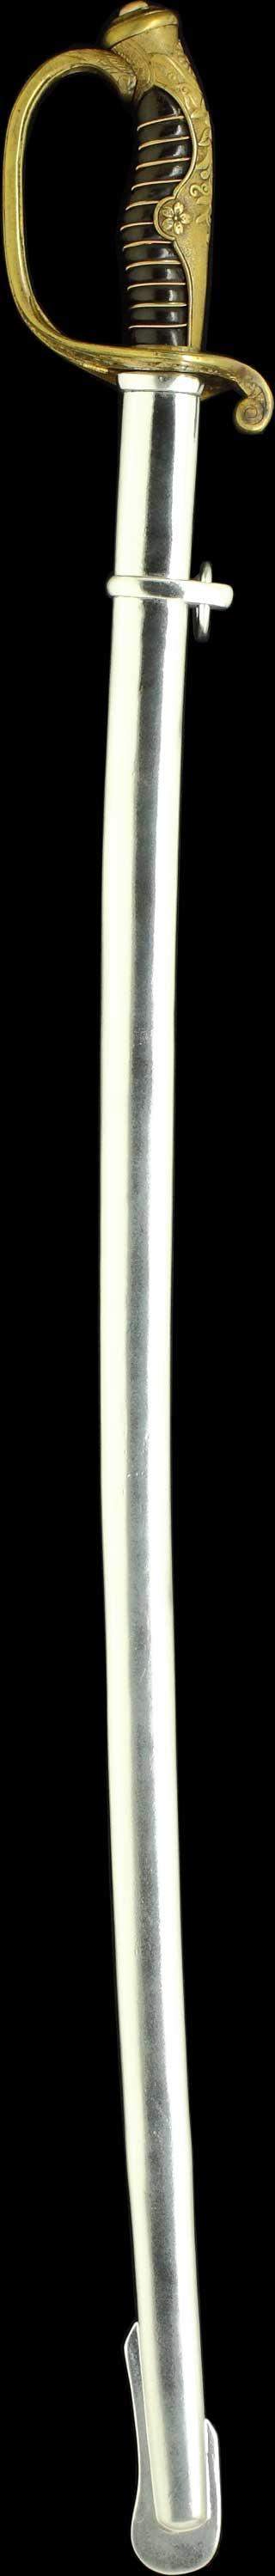 警部指揮刀拵え1縦表